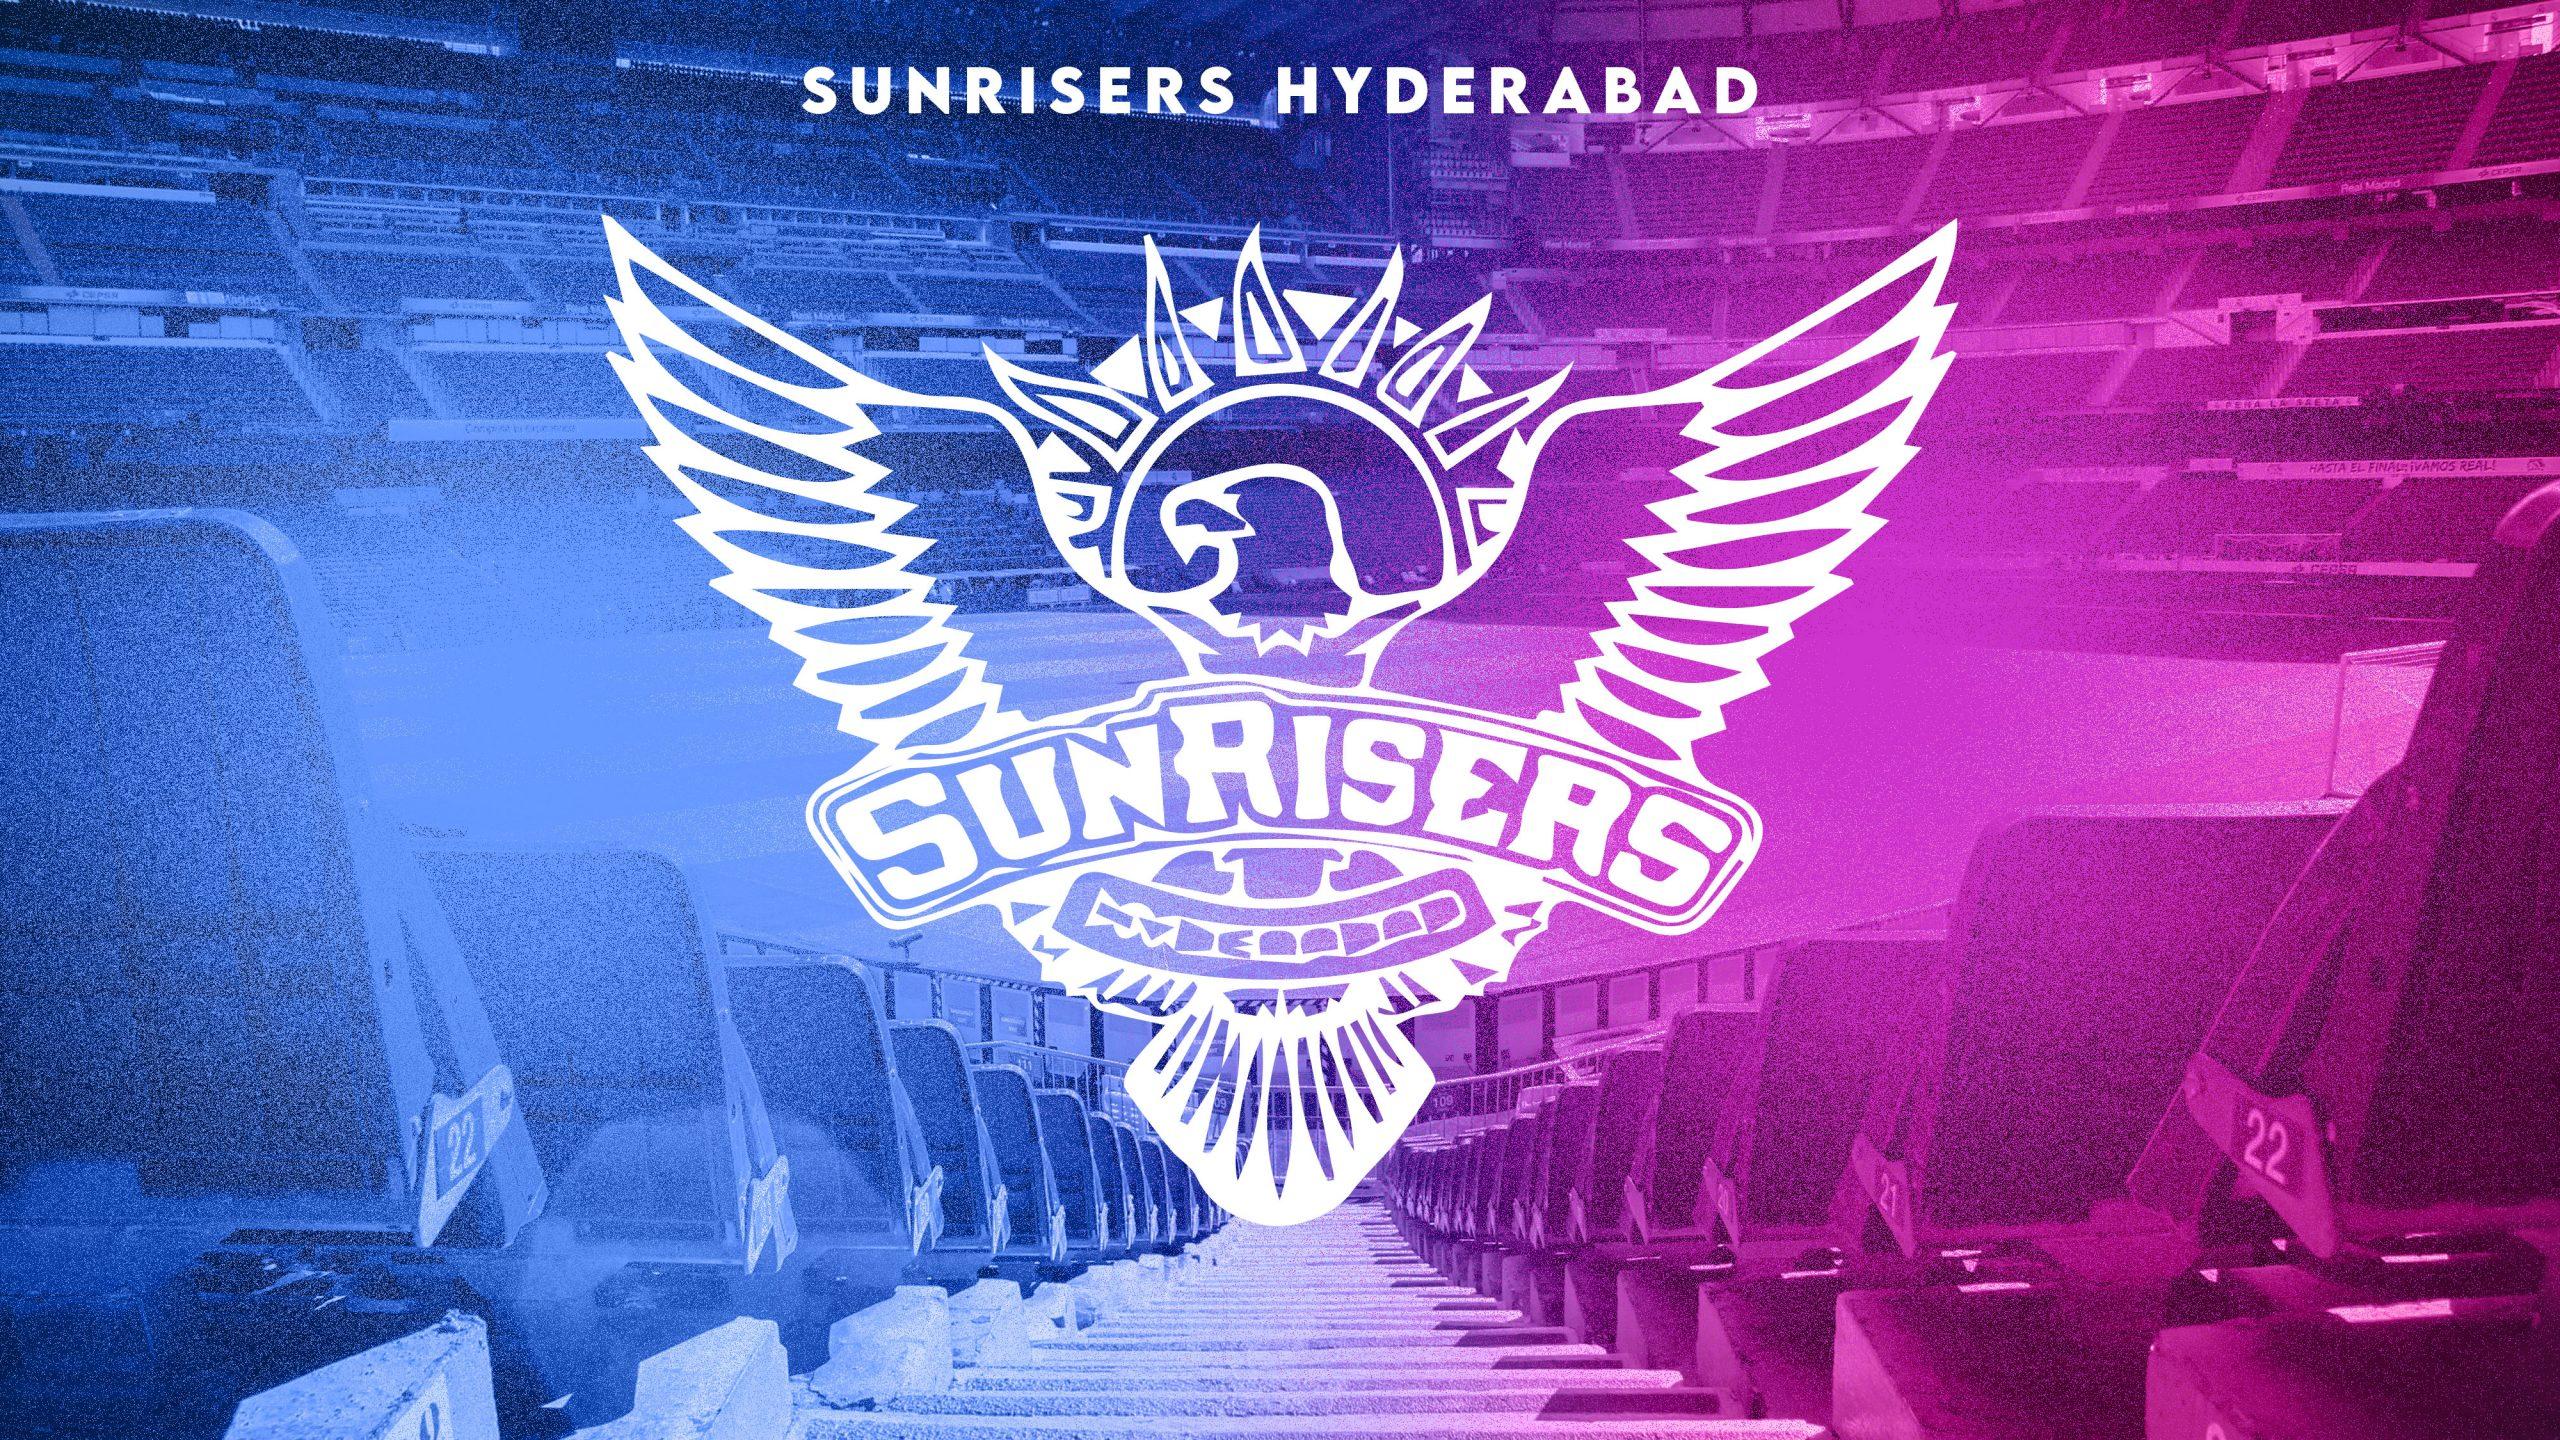 Sunrisers-Hyderabad-IPL-illustration